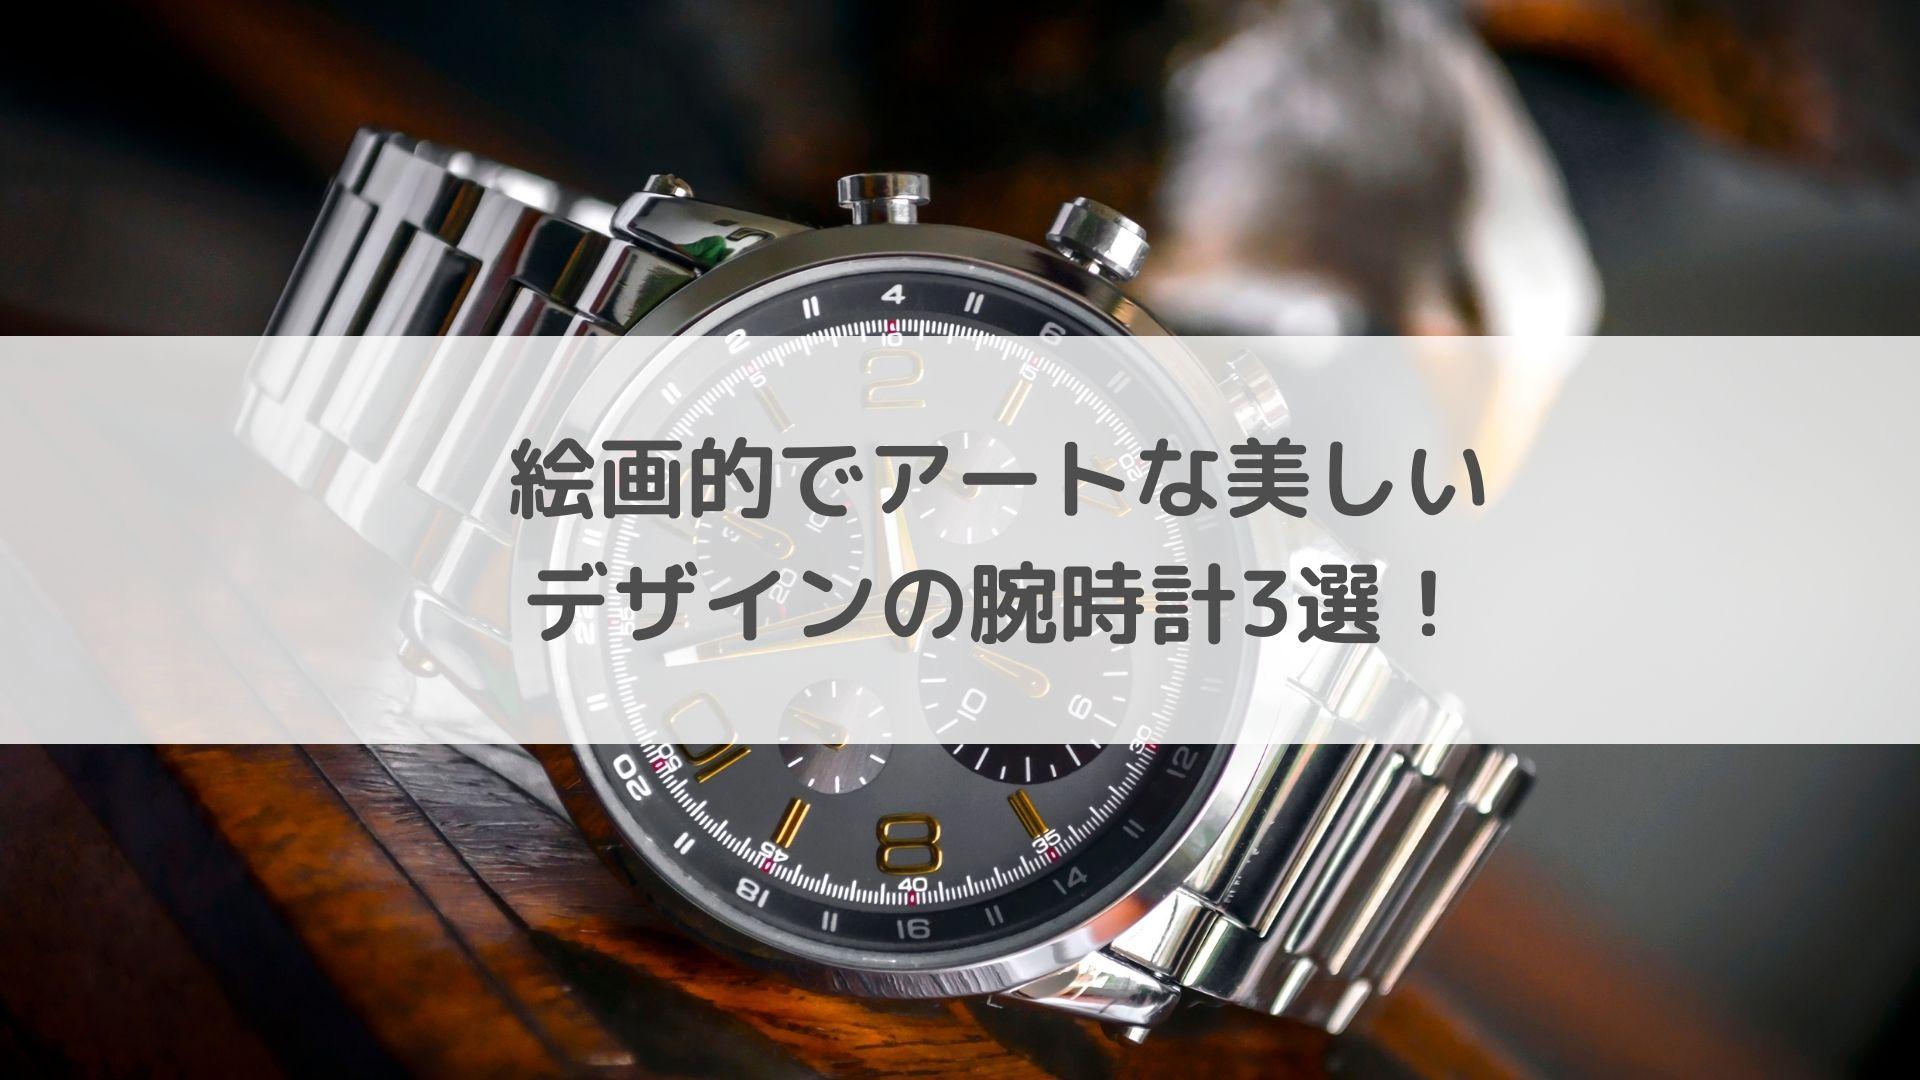 絵画的でアートな美しいデザインの腕時計3選!